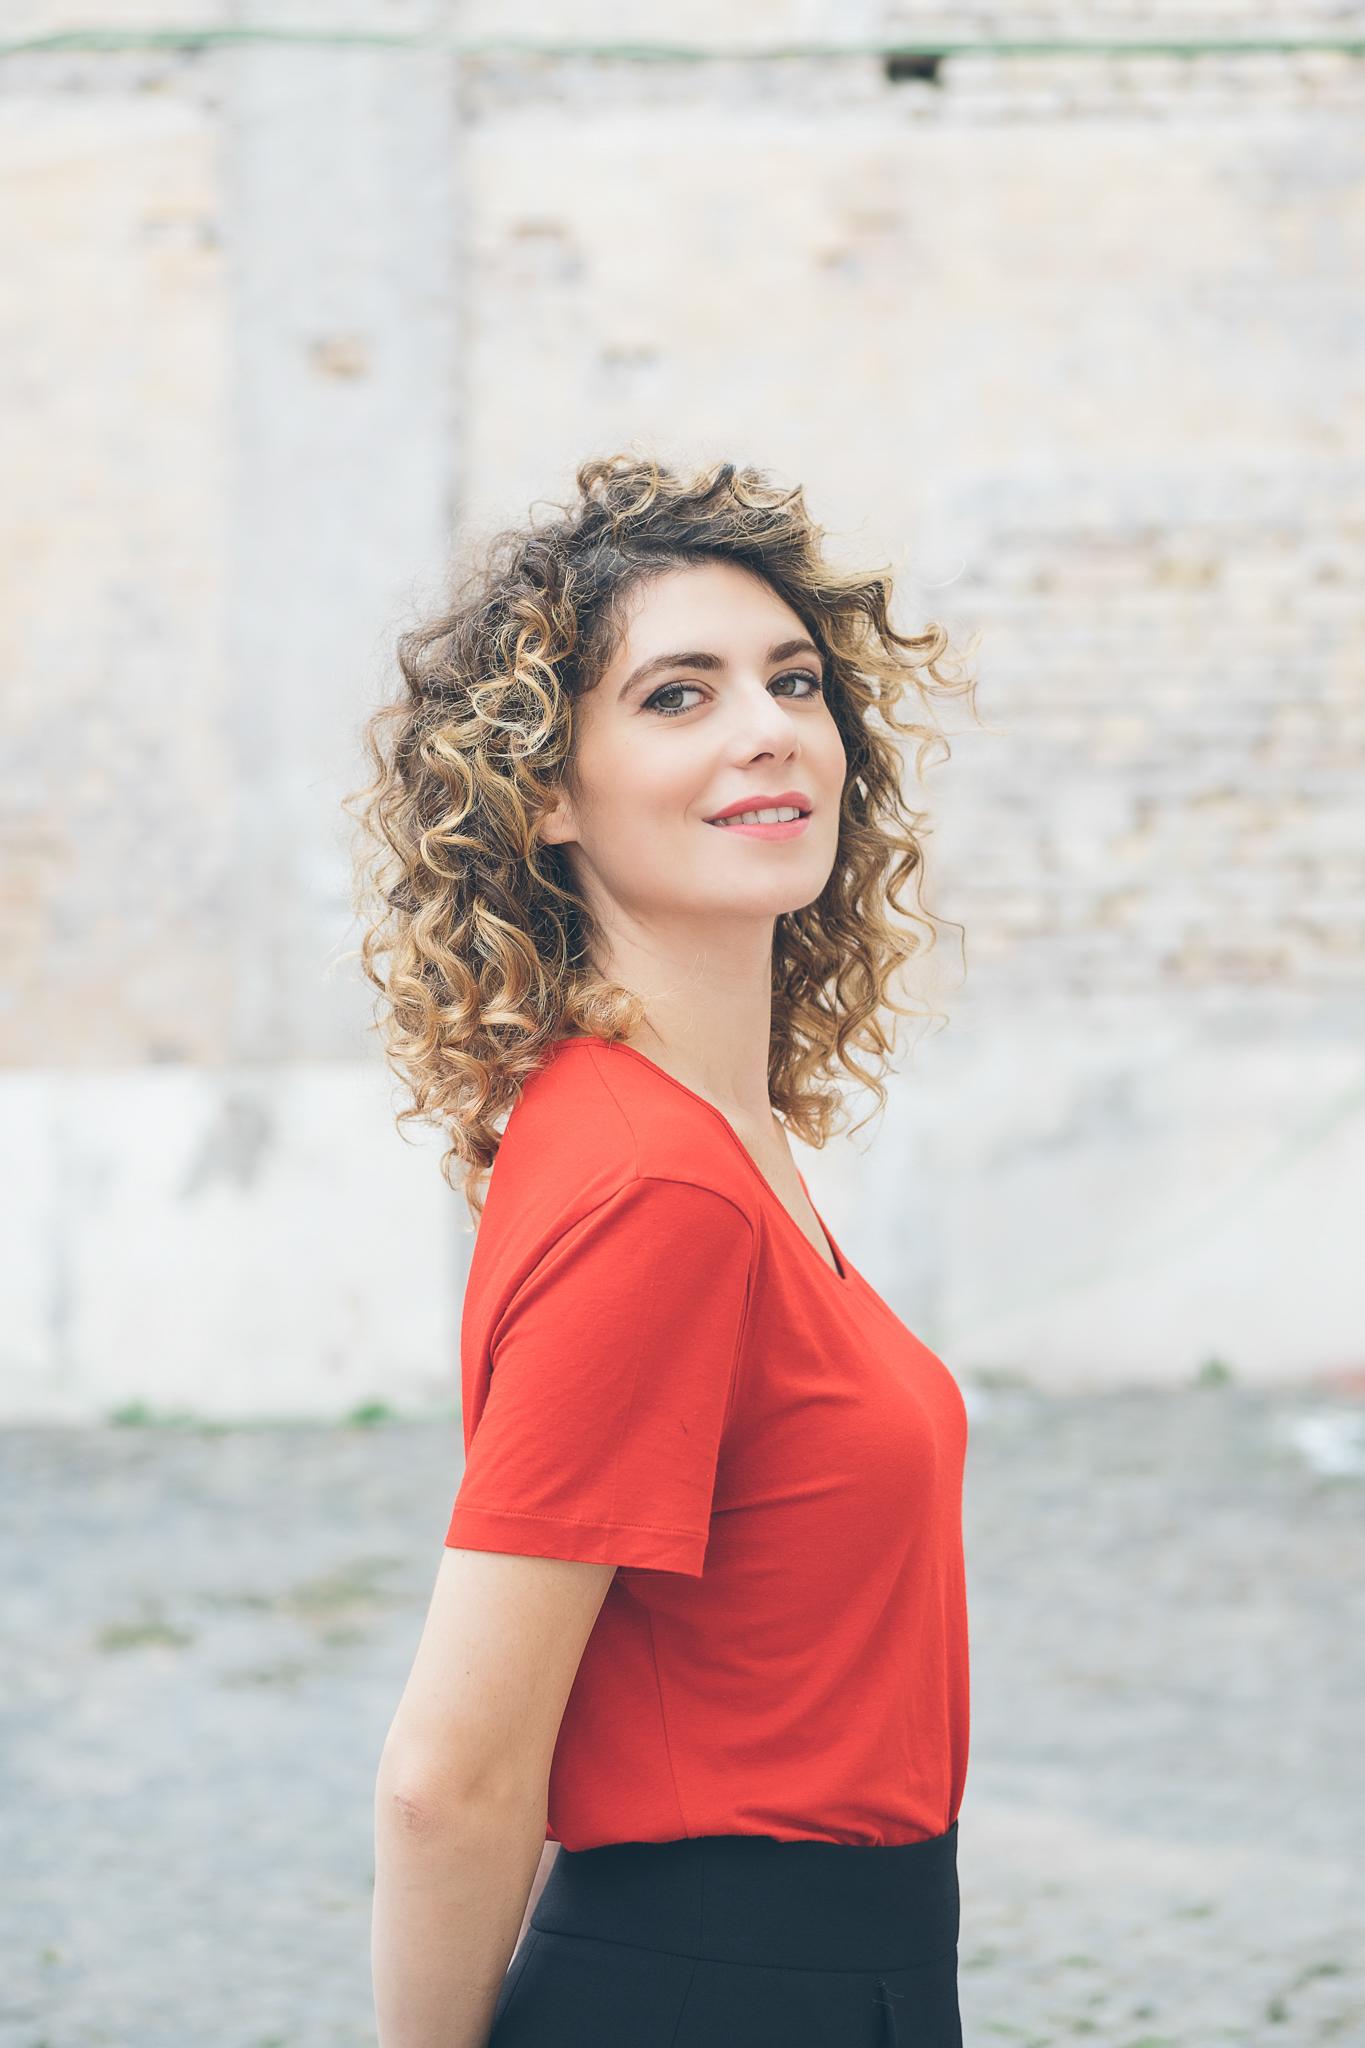 Ritratti_Silvia Quondam (2)